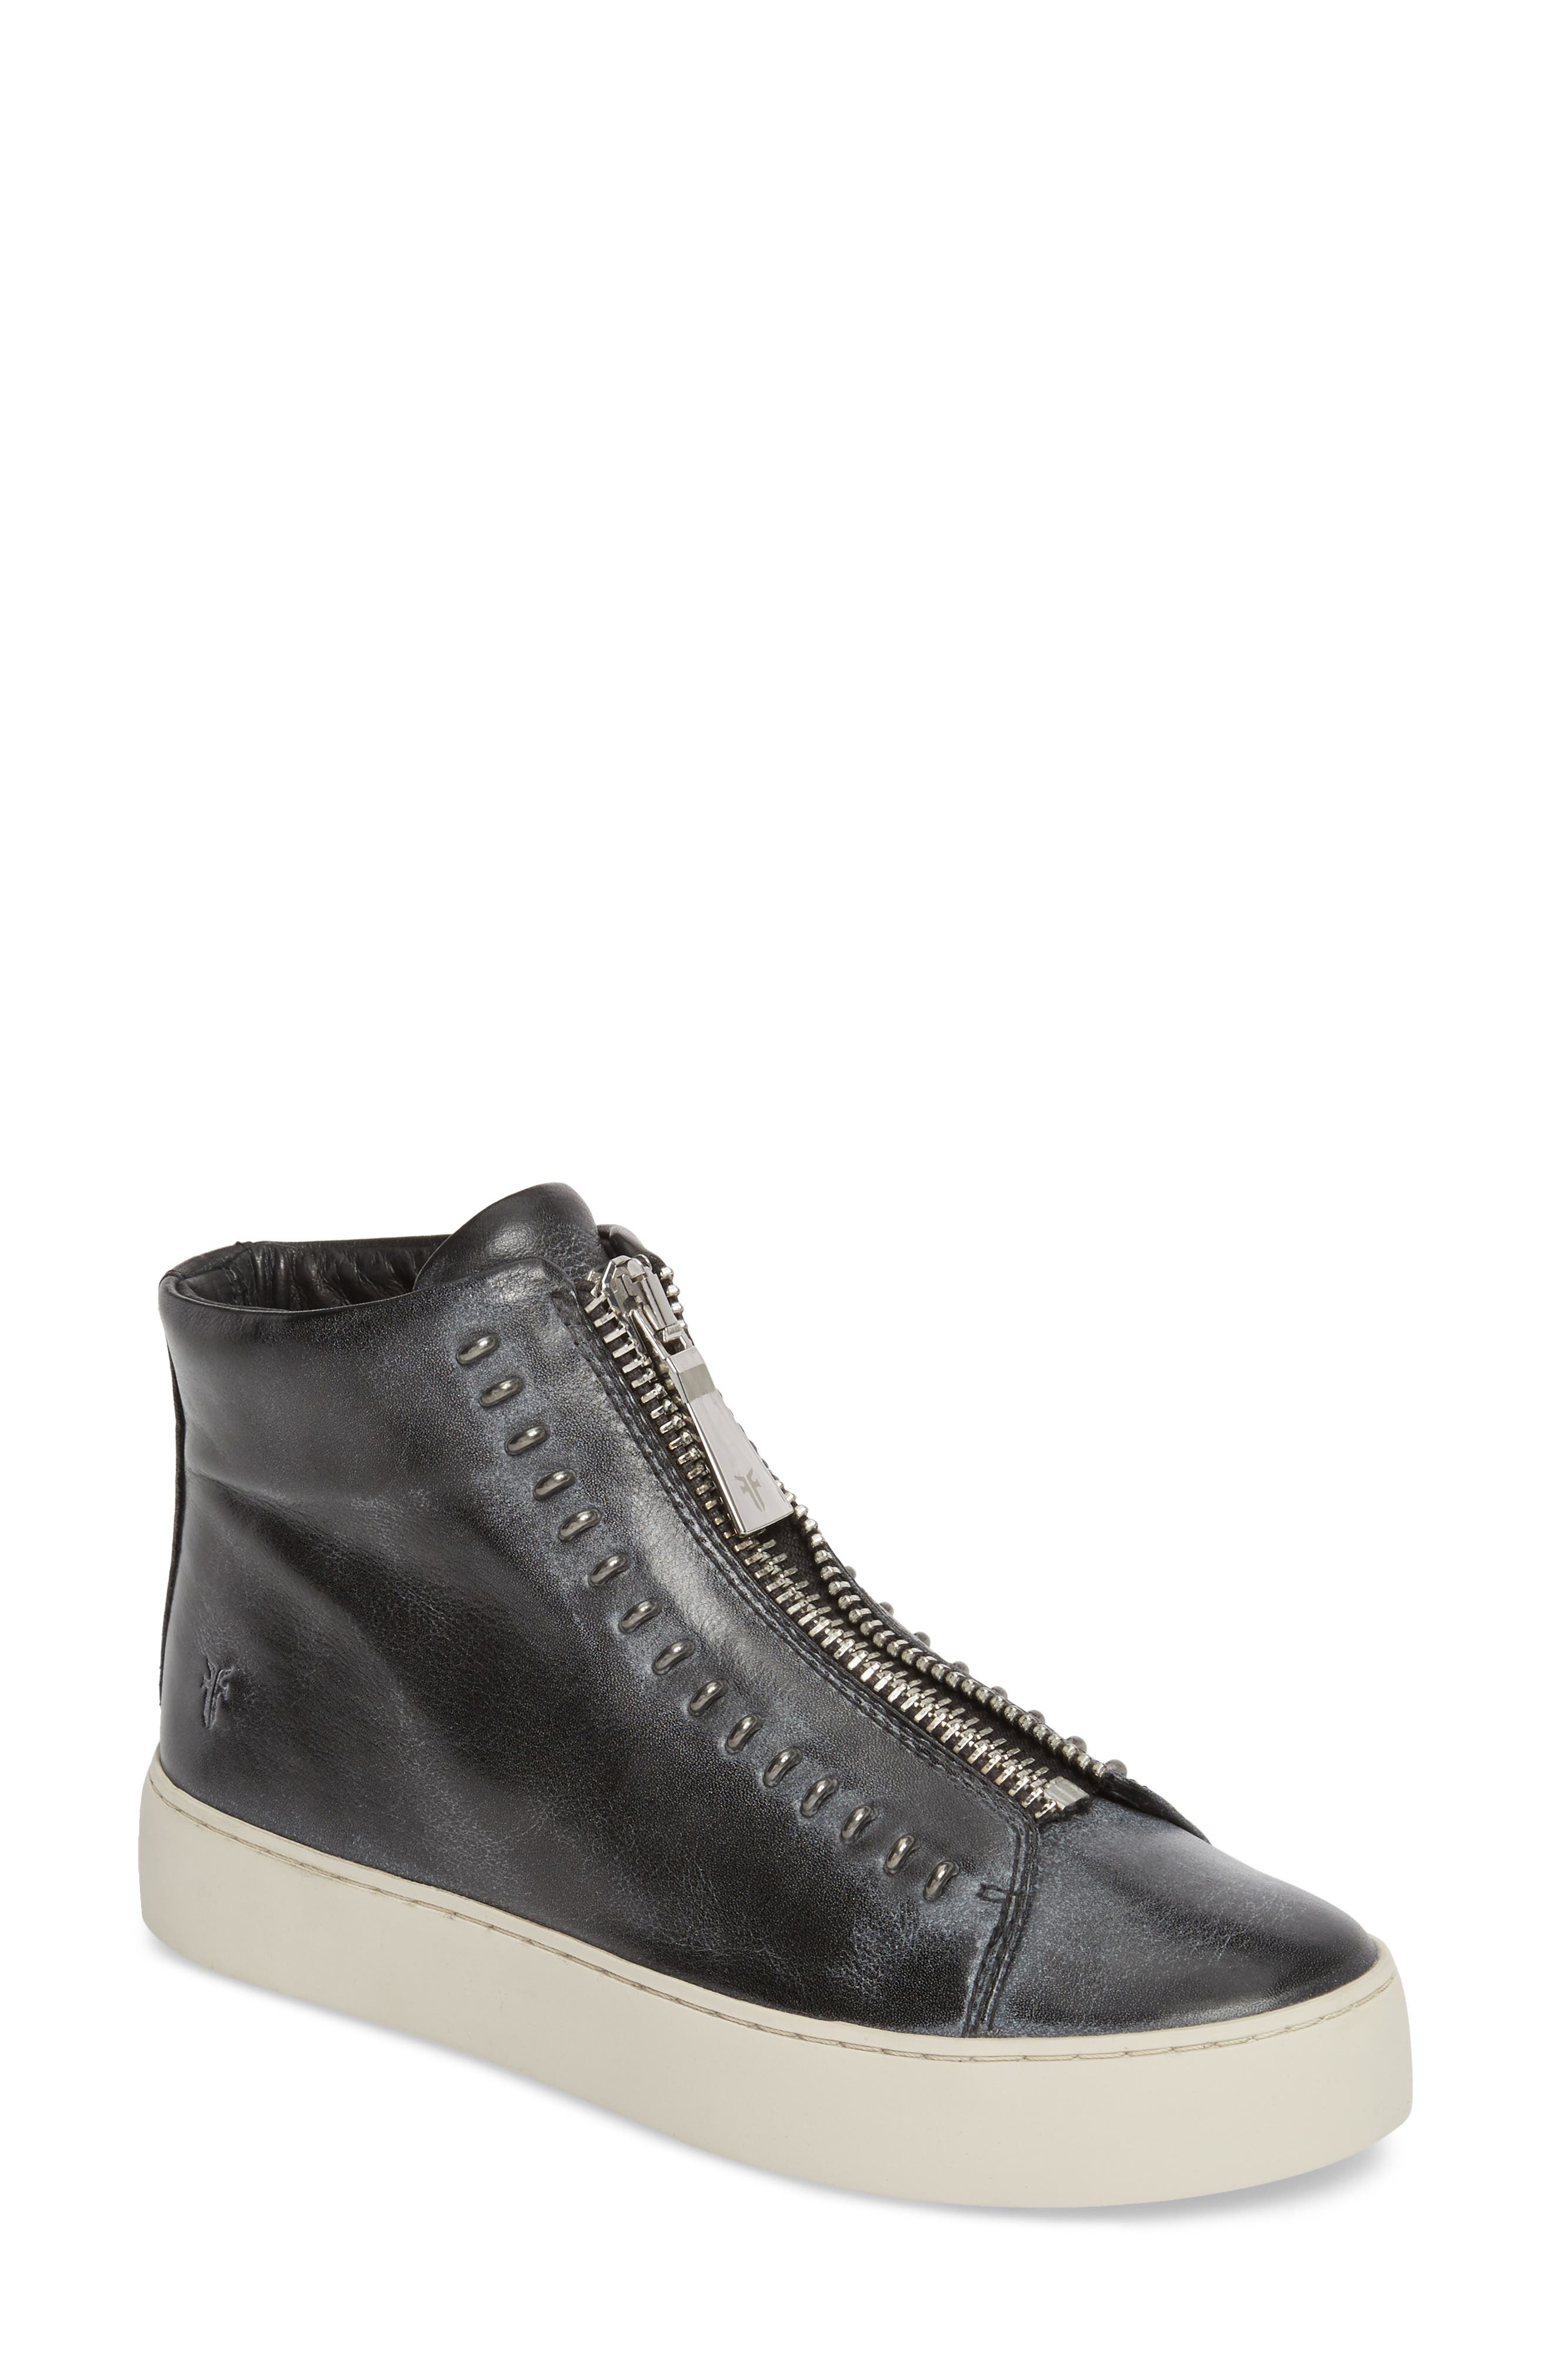 Lena Rebel Zip High Top Sneaker,                             Main thumbnail 1, color,                             BLACK